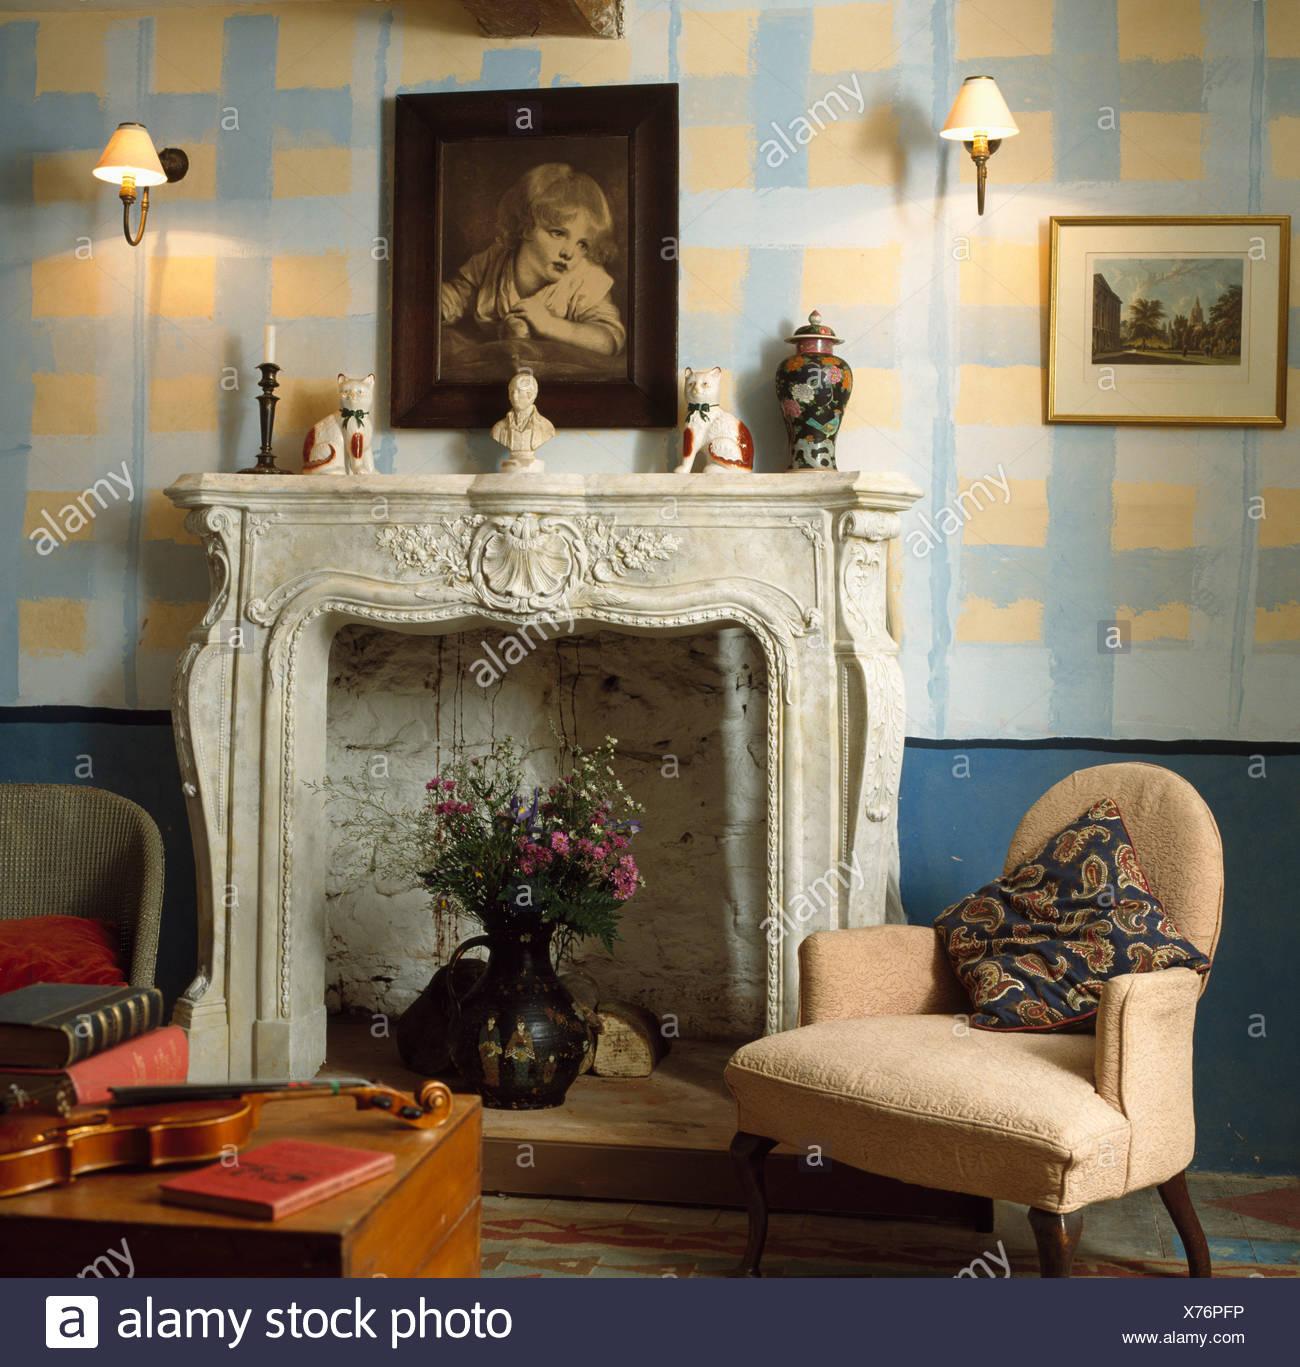 Wirkung Der Farbe Gelb Und Blau Check Wände Im Wohnzimmer Mit Reich  Verzierten Marmorkamin Und Kleinen Cremefarbenen Sessel